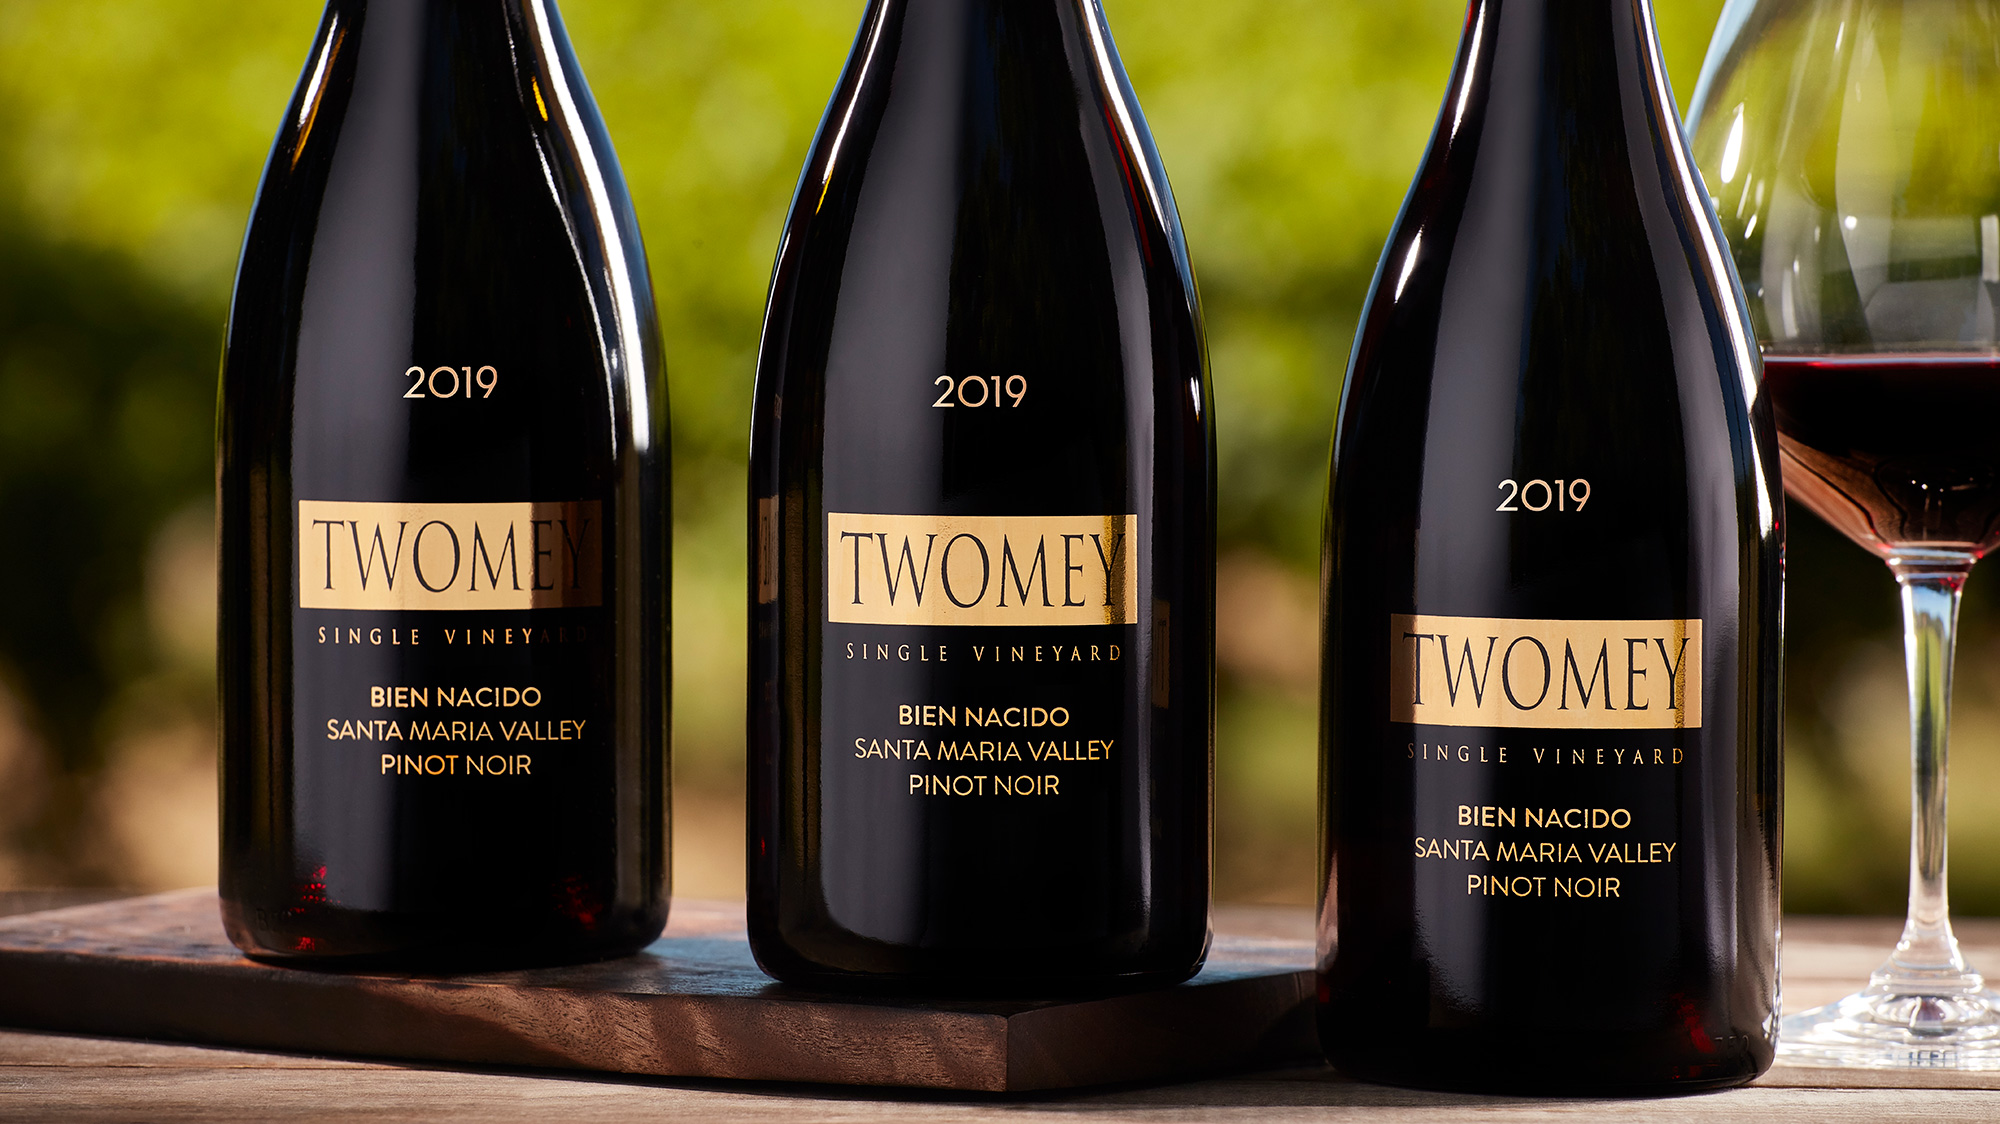 Twomey 2019 Bien Nacido Pinot Noir 3 bottle offer